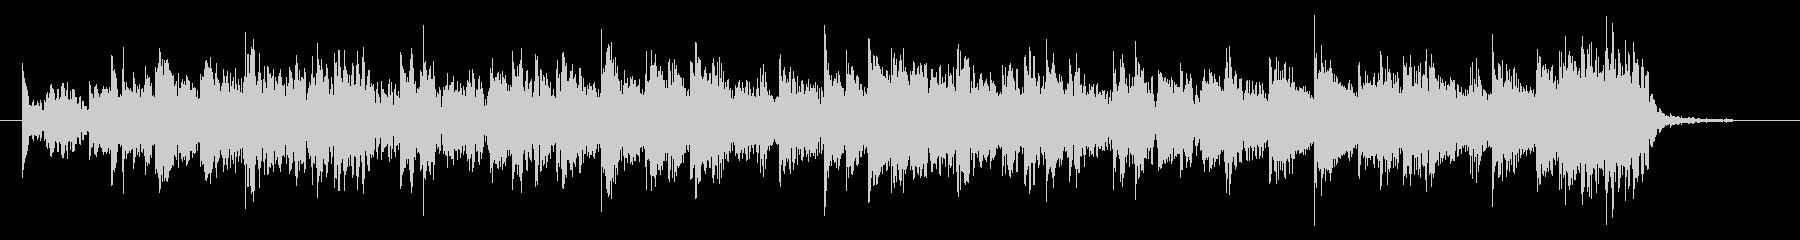 シンセを多用したピコピコ系エレクトロの未再生の波形